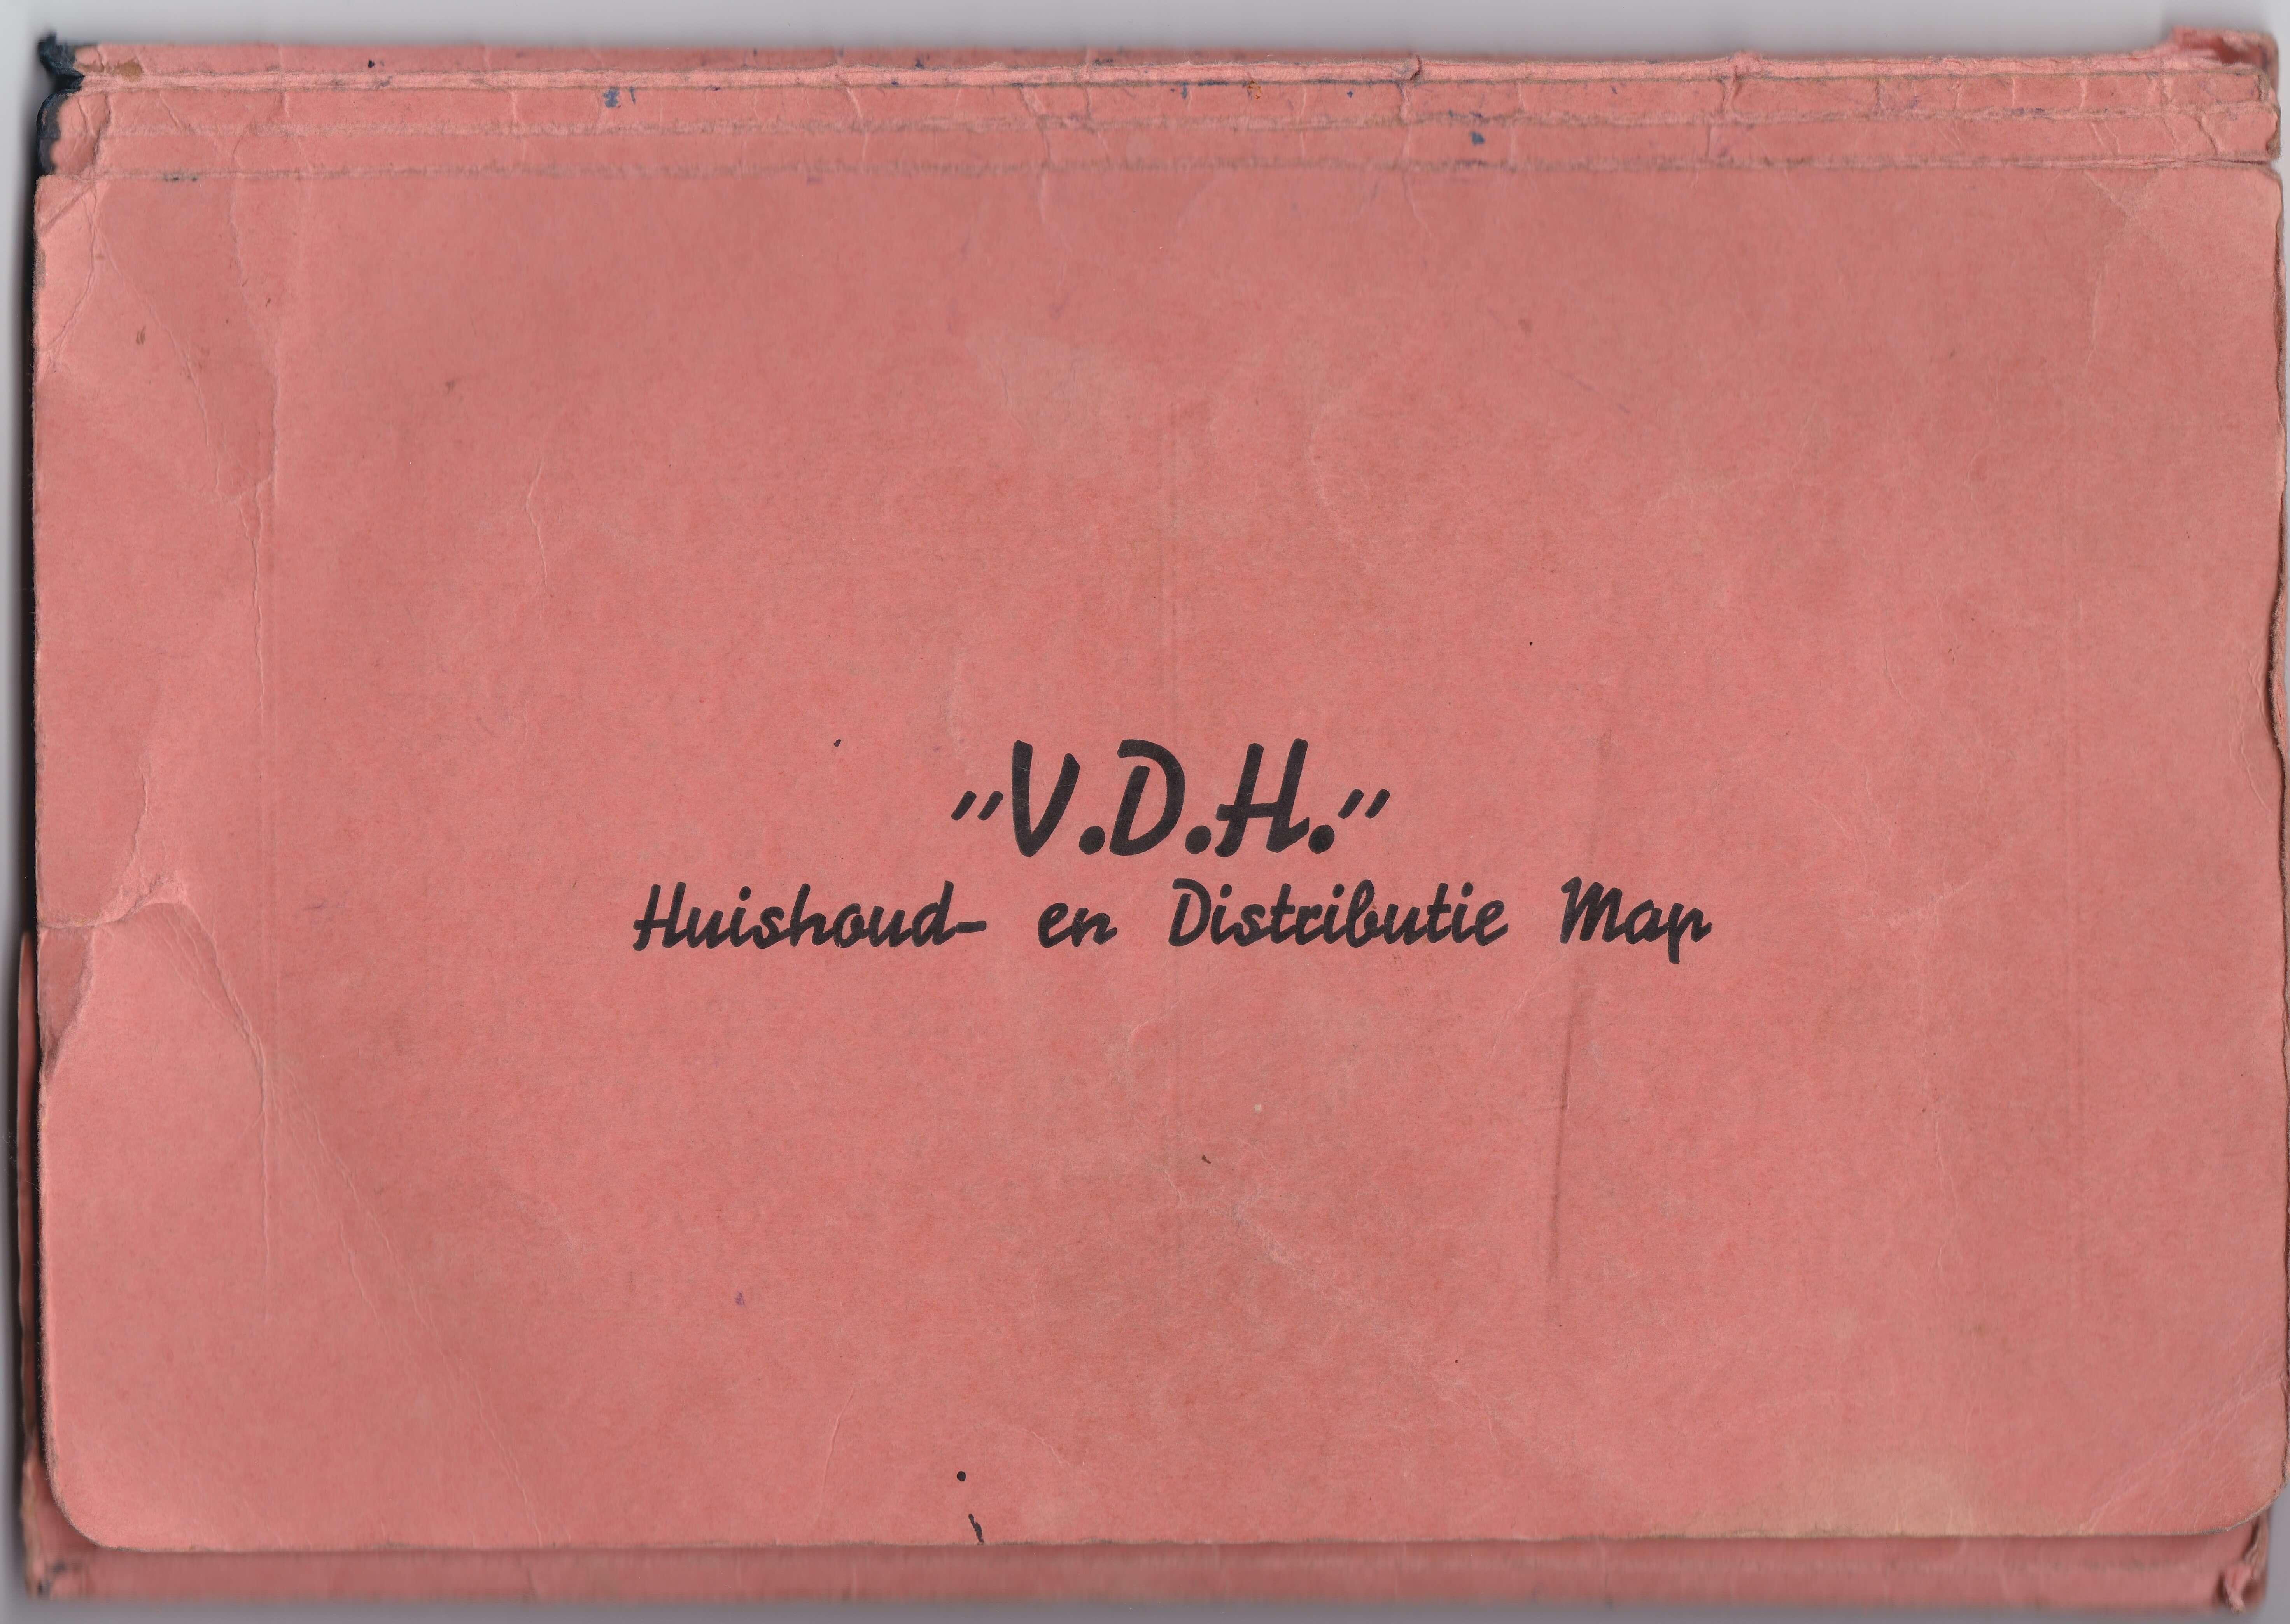 V.D.H. Huishoud en distributie map